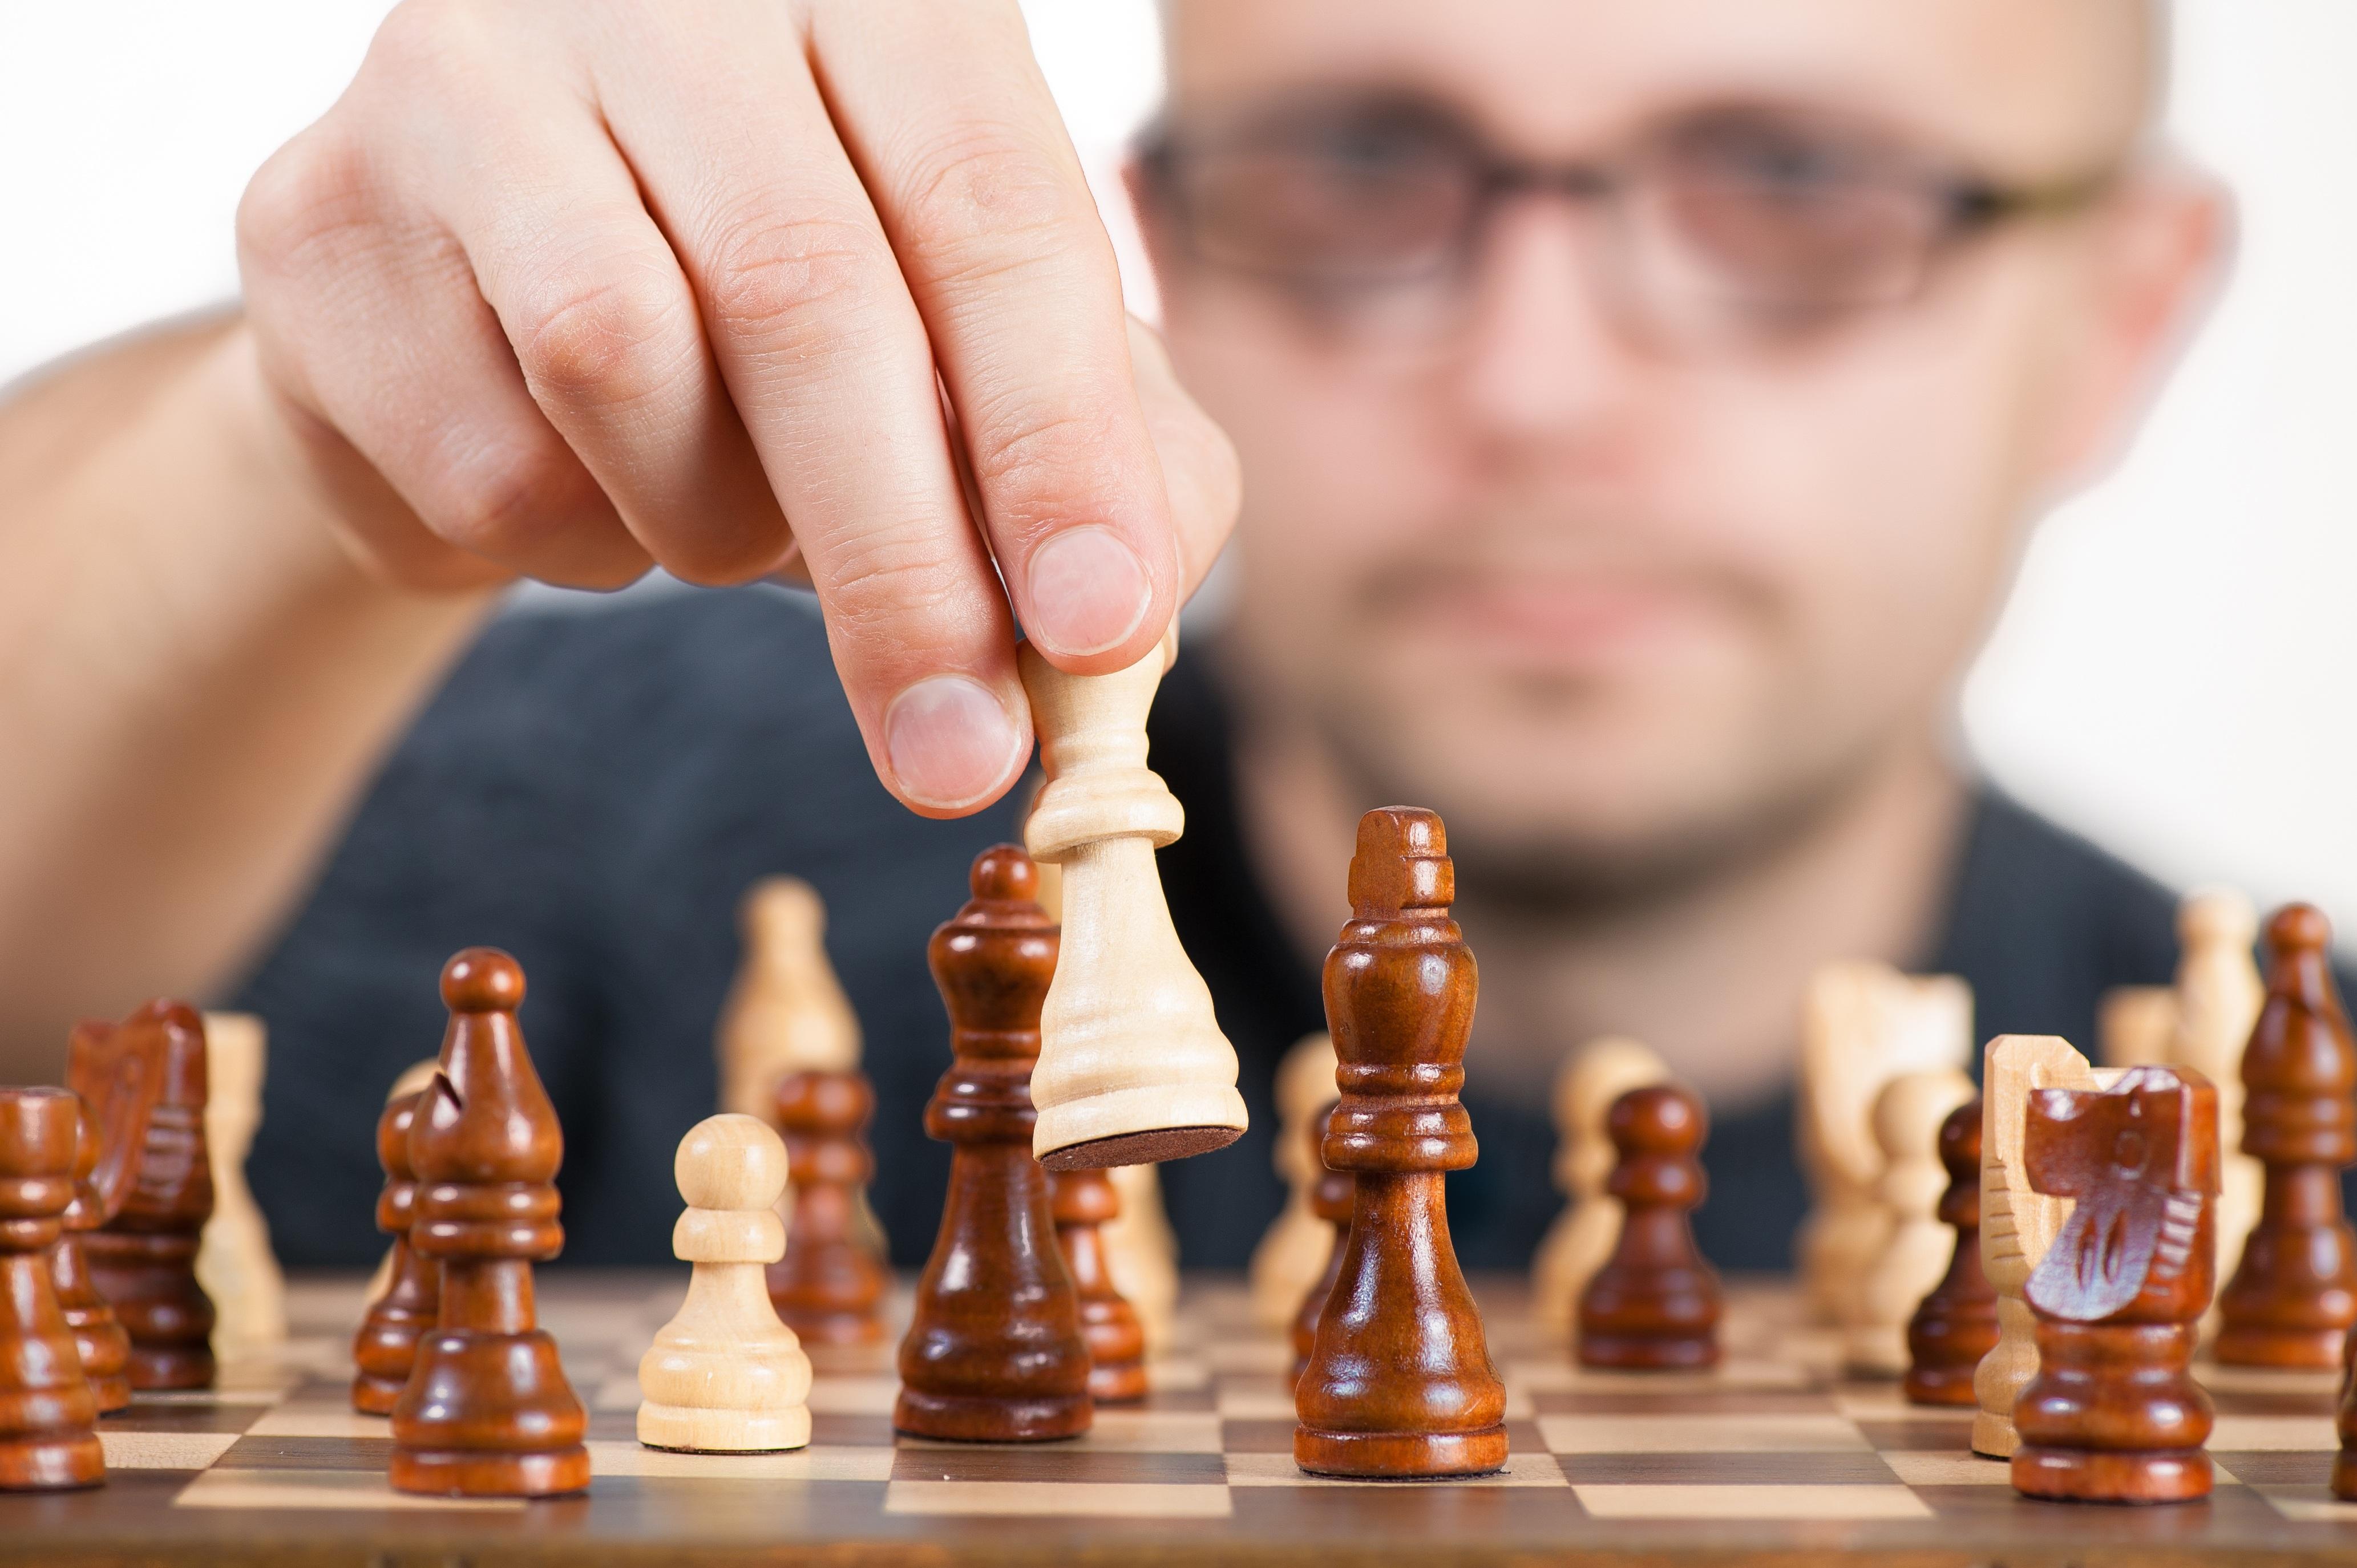 Wenn beim Schachspielen der Verstand überlegt und prüft. (Fotoquelle: www.pexels.com